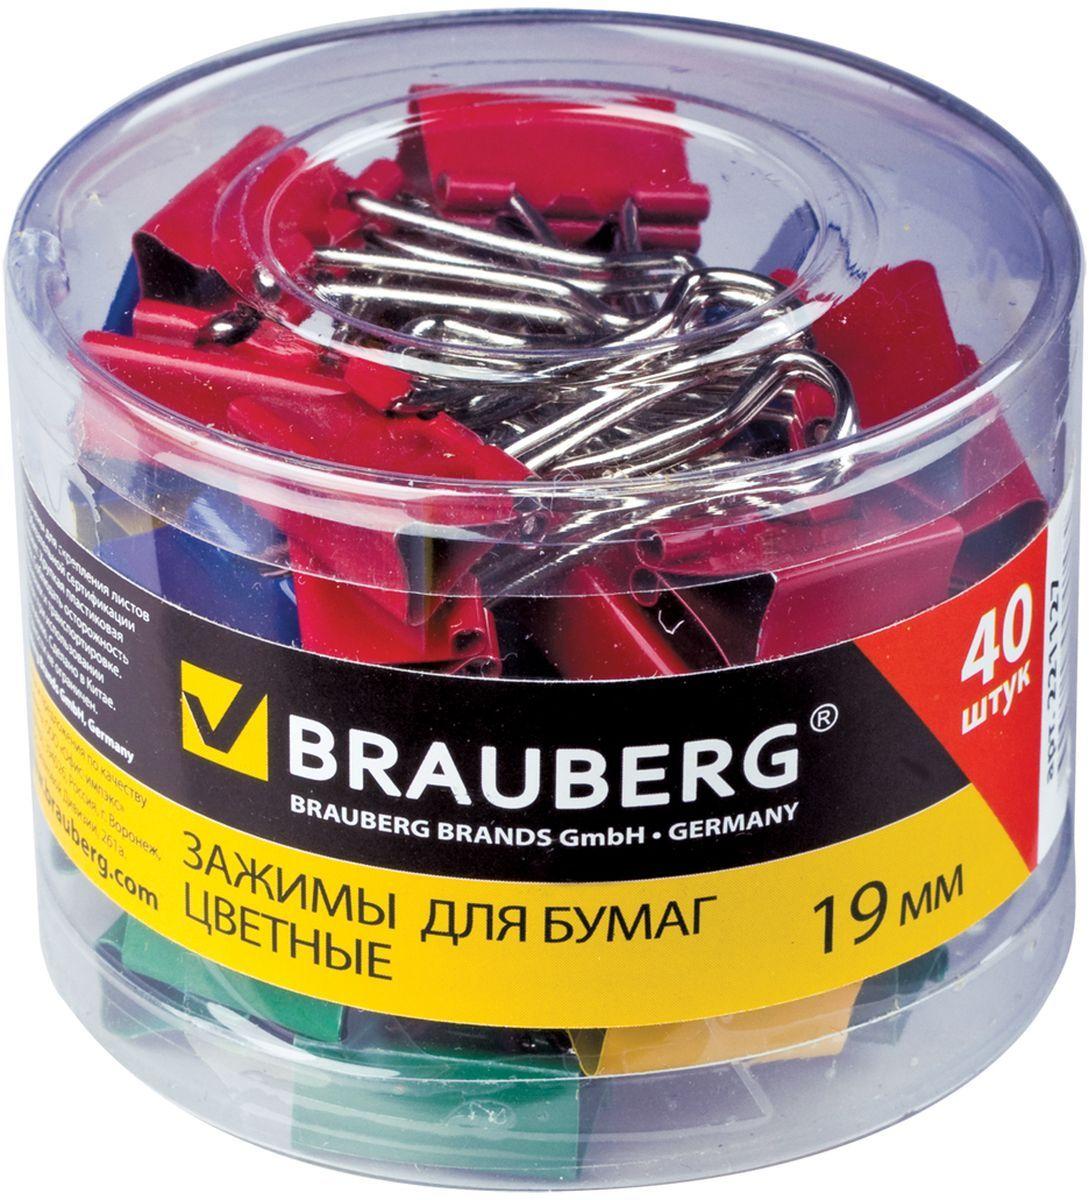 Brauberg Зажим для бумаг 19 мм 40 шт221127Зажимы для бумаг Brauberg предназначены для скрепления документов без использования степлера. В коробке представлены зажимы красного, желтого, зеленого, синего и белого цветов. Скрепляют до 60 листов.